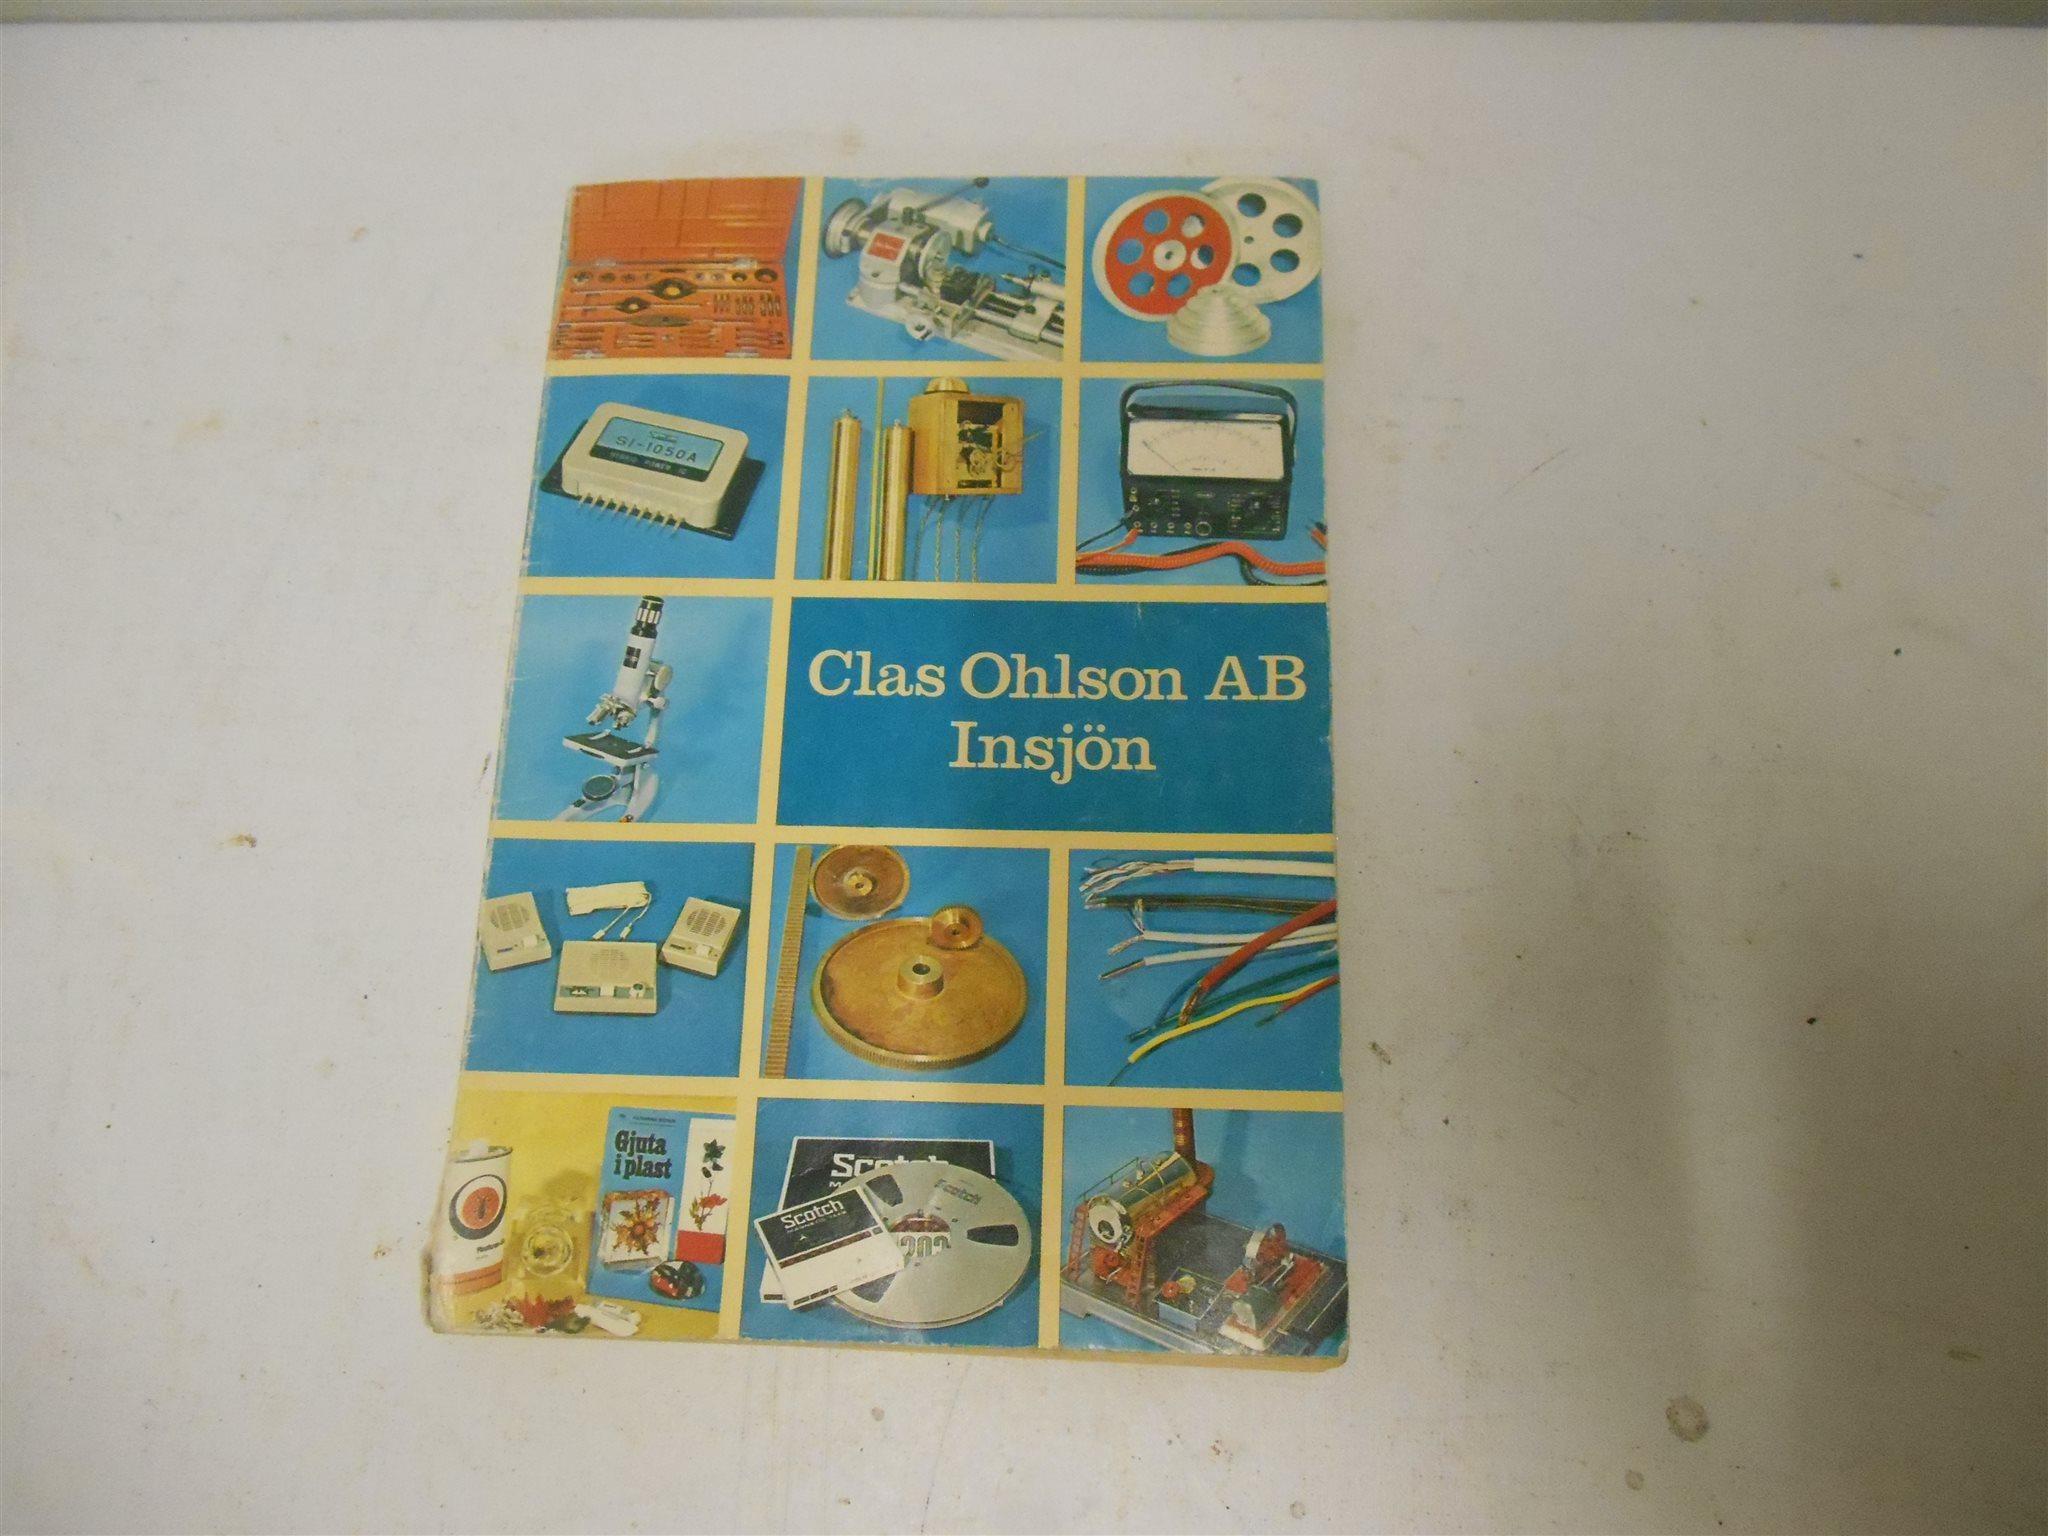 Liten Kastrull Clas Ohlson ~ Clas Ohlson AB 1970 71 på Tradera com Priskuranter och kataloger